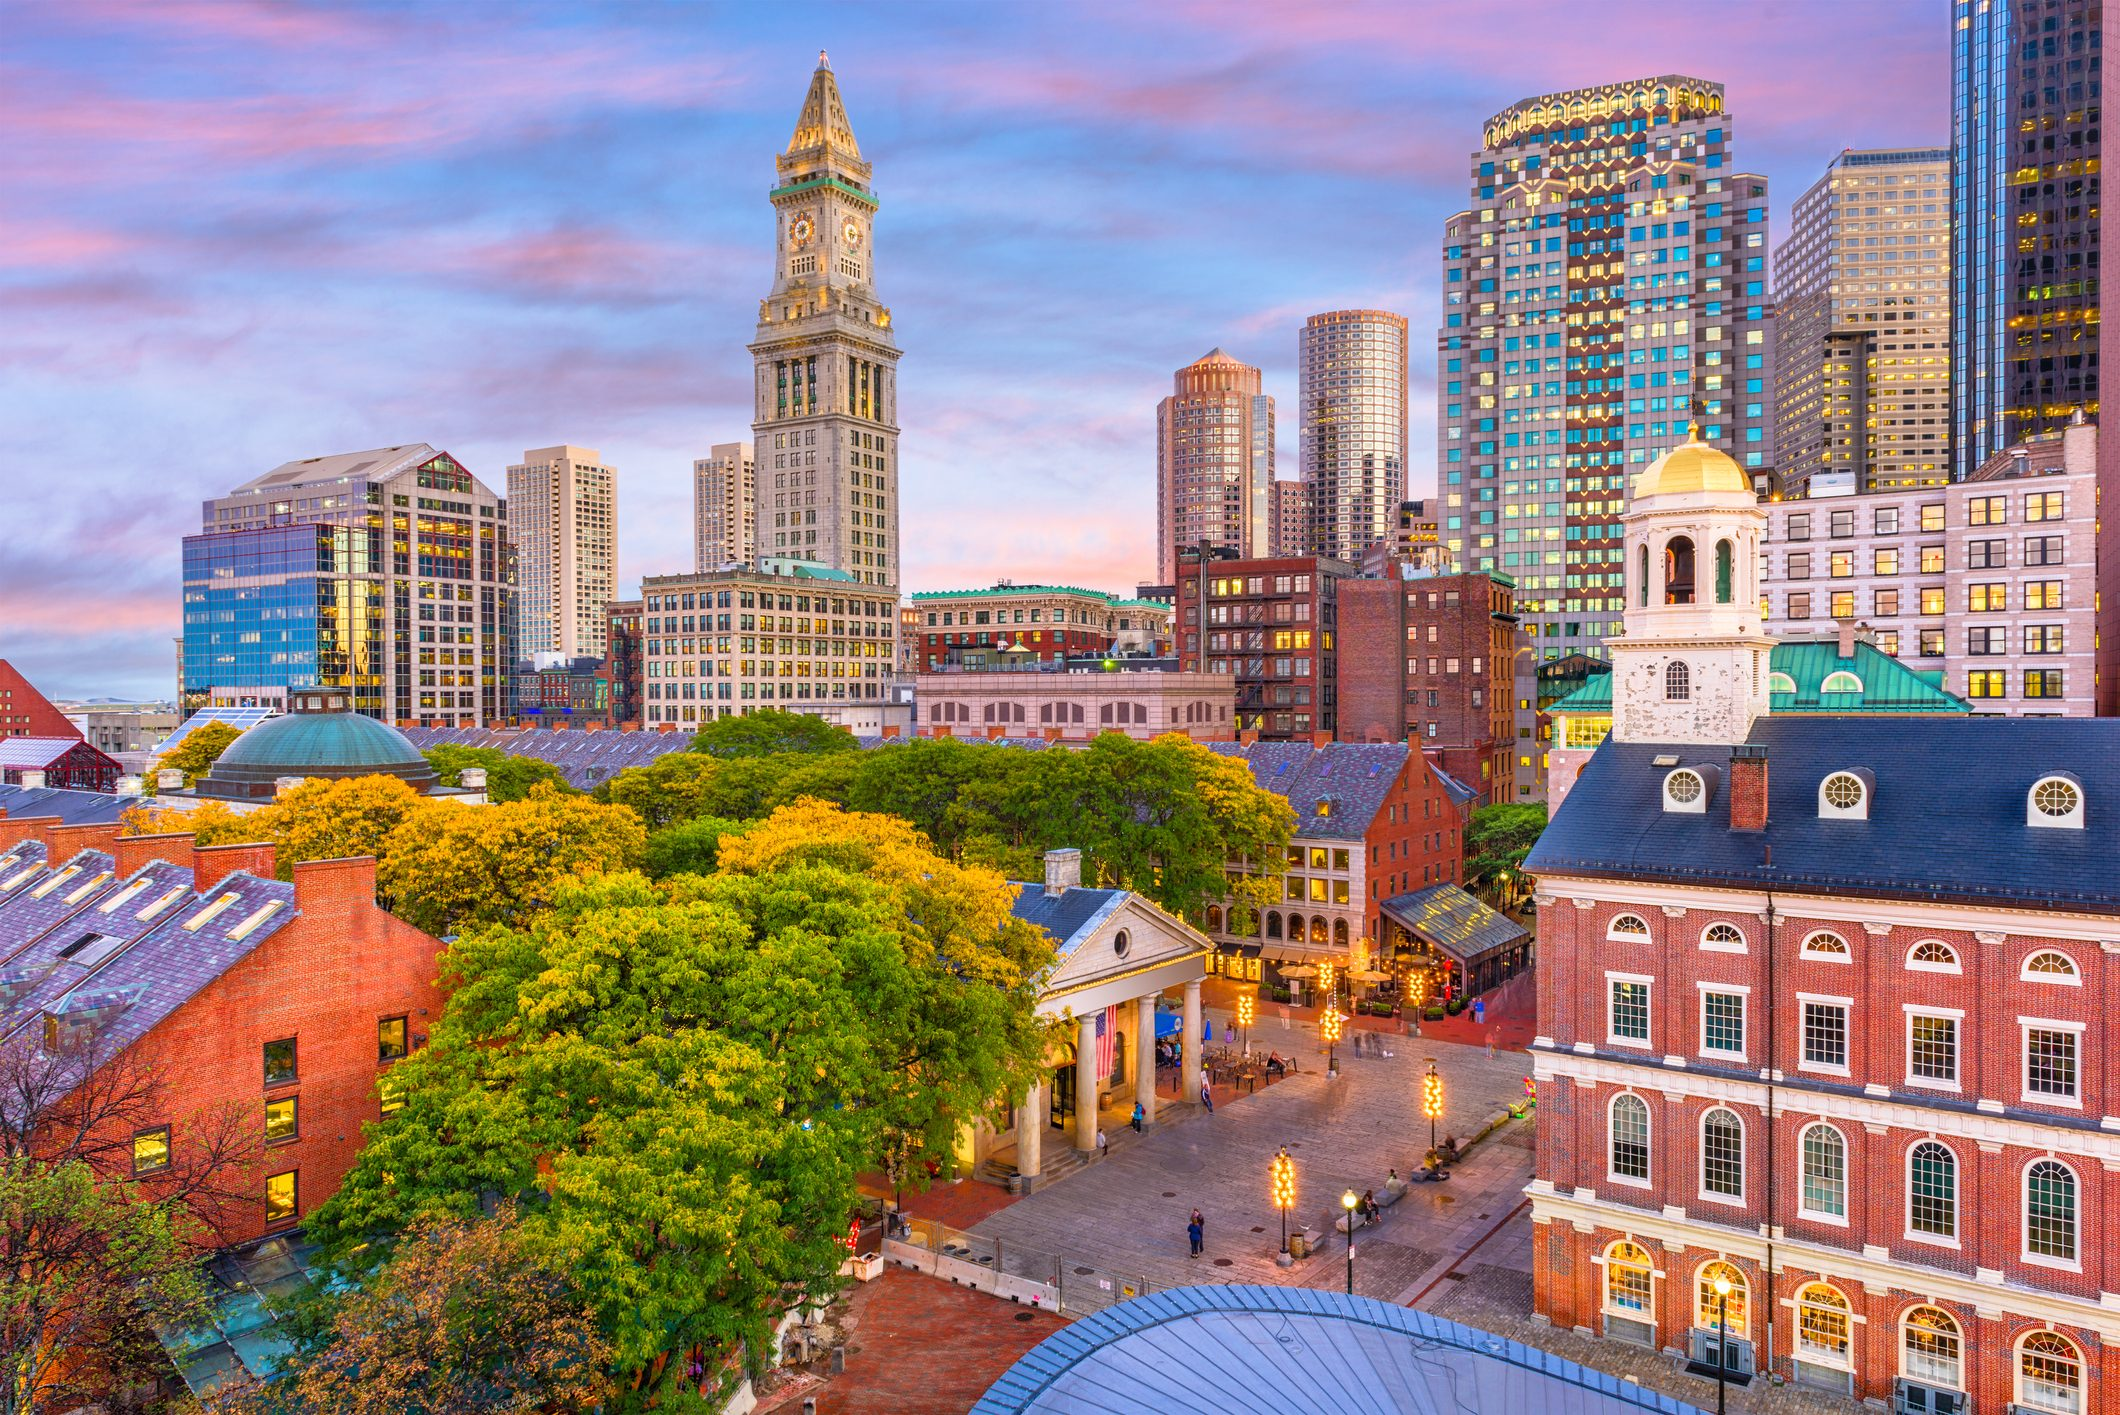 Boston, Massachusetts, skyline over Quincy Market.